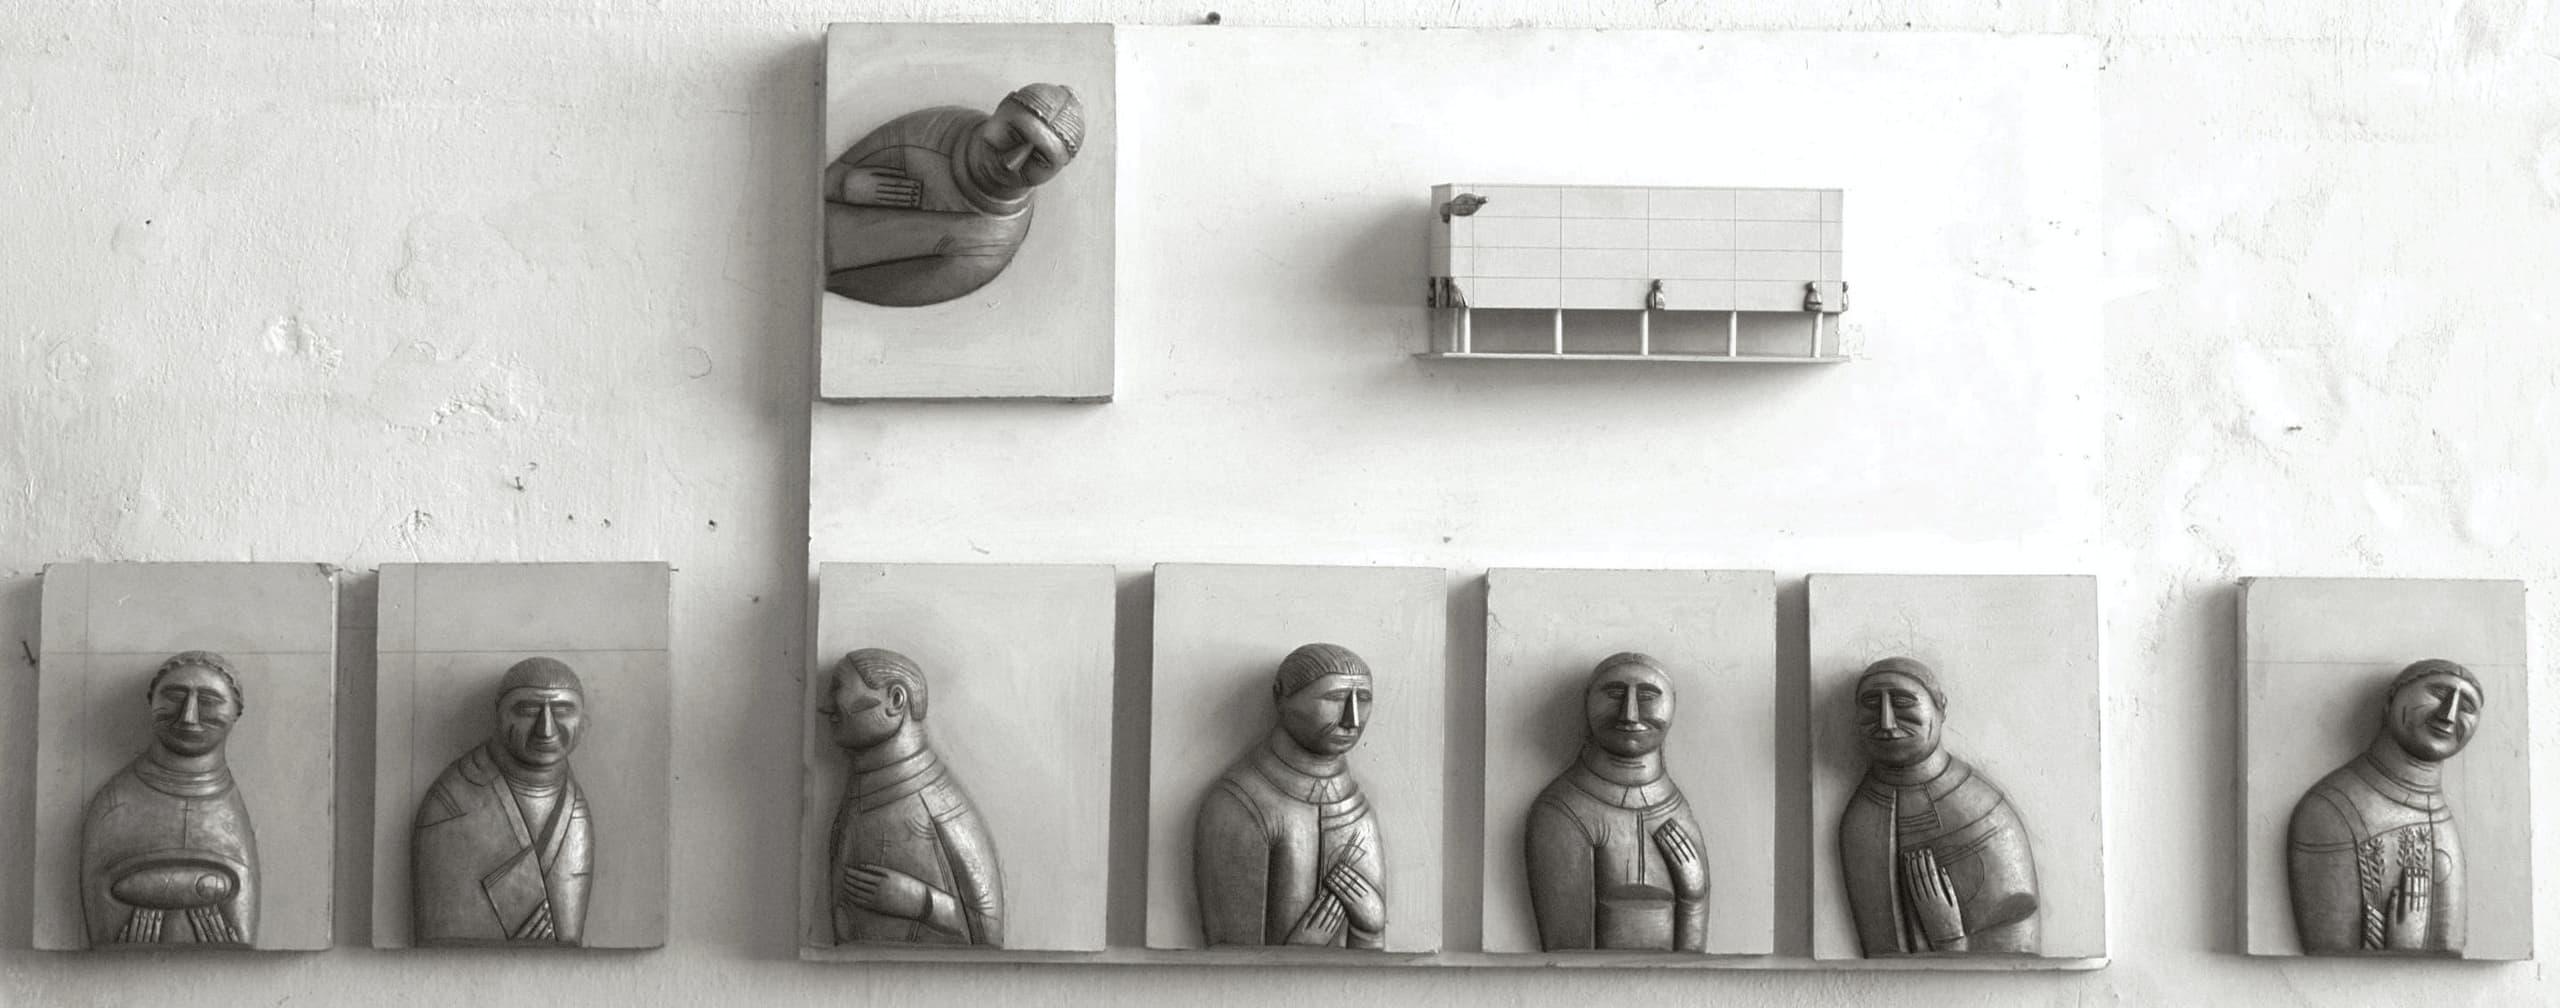 Борис Клочков, эскиз рельефа для фасада НИИ «Наука и жизнь», Химмаш, 1989 (не осуществлено)